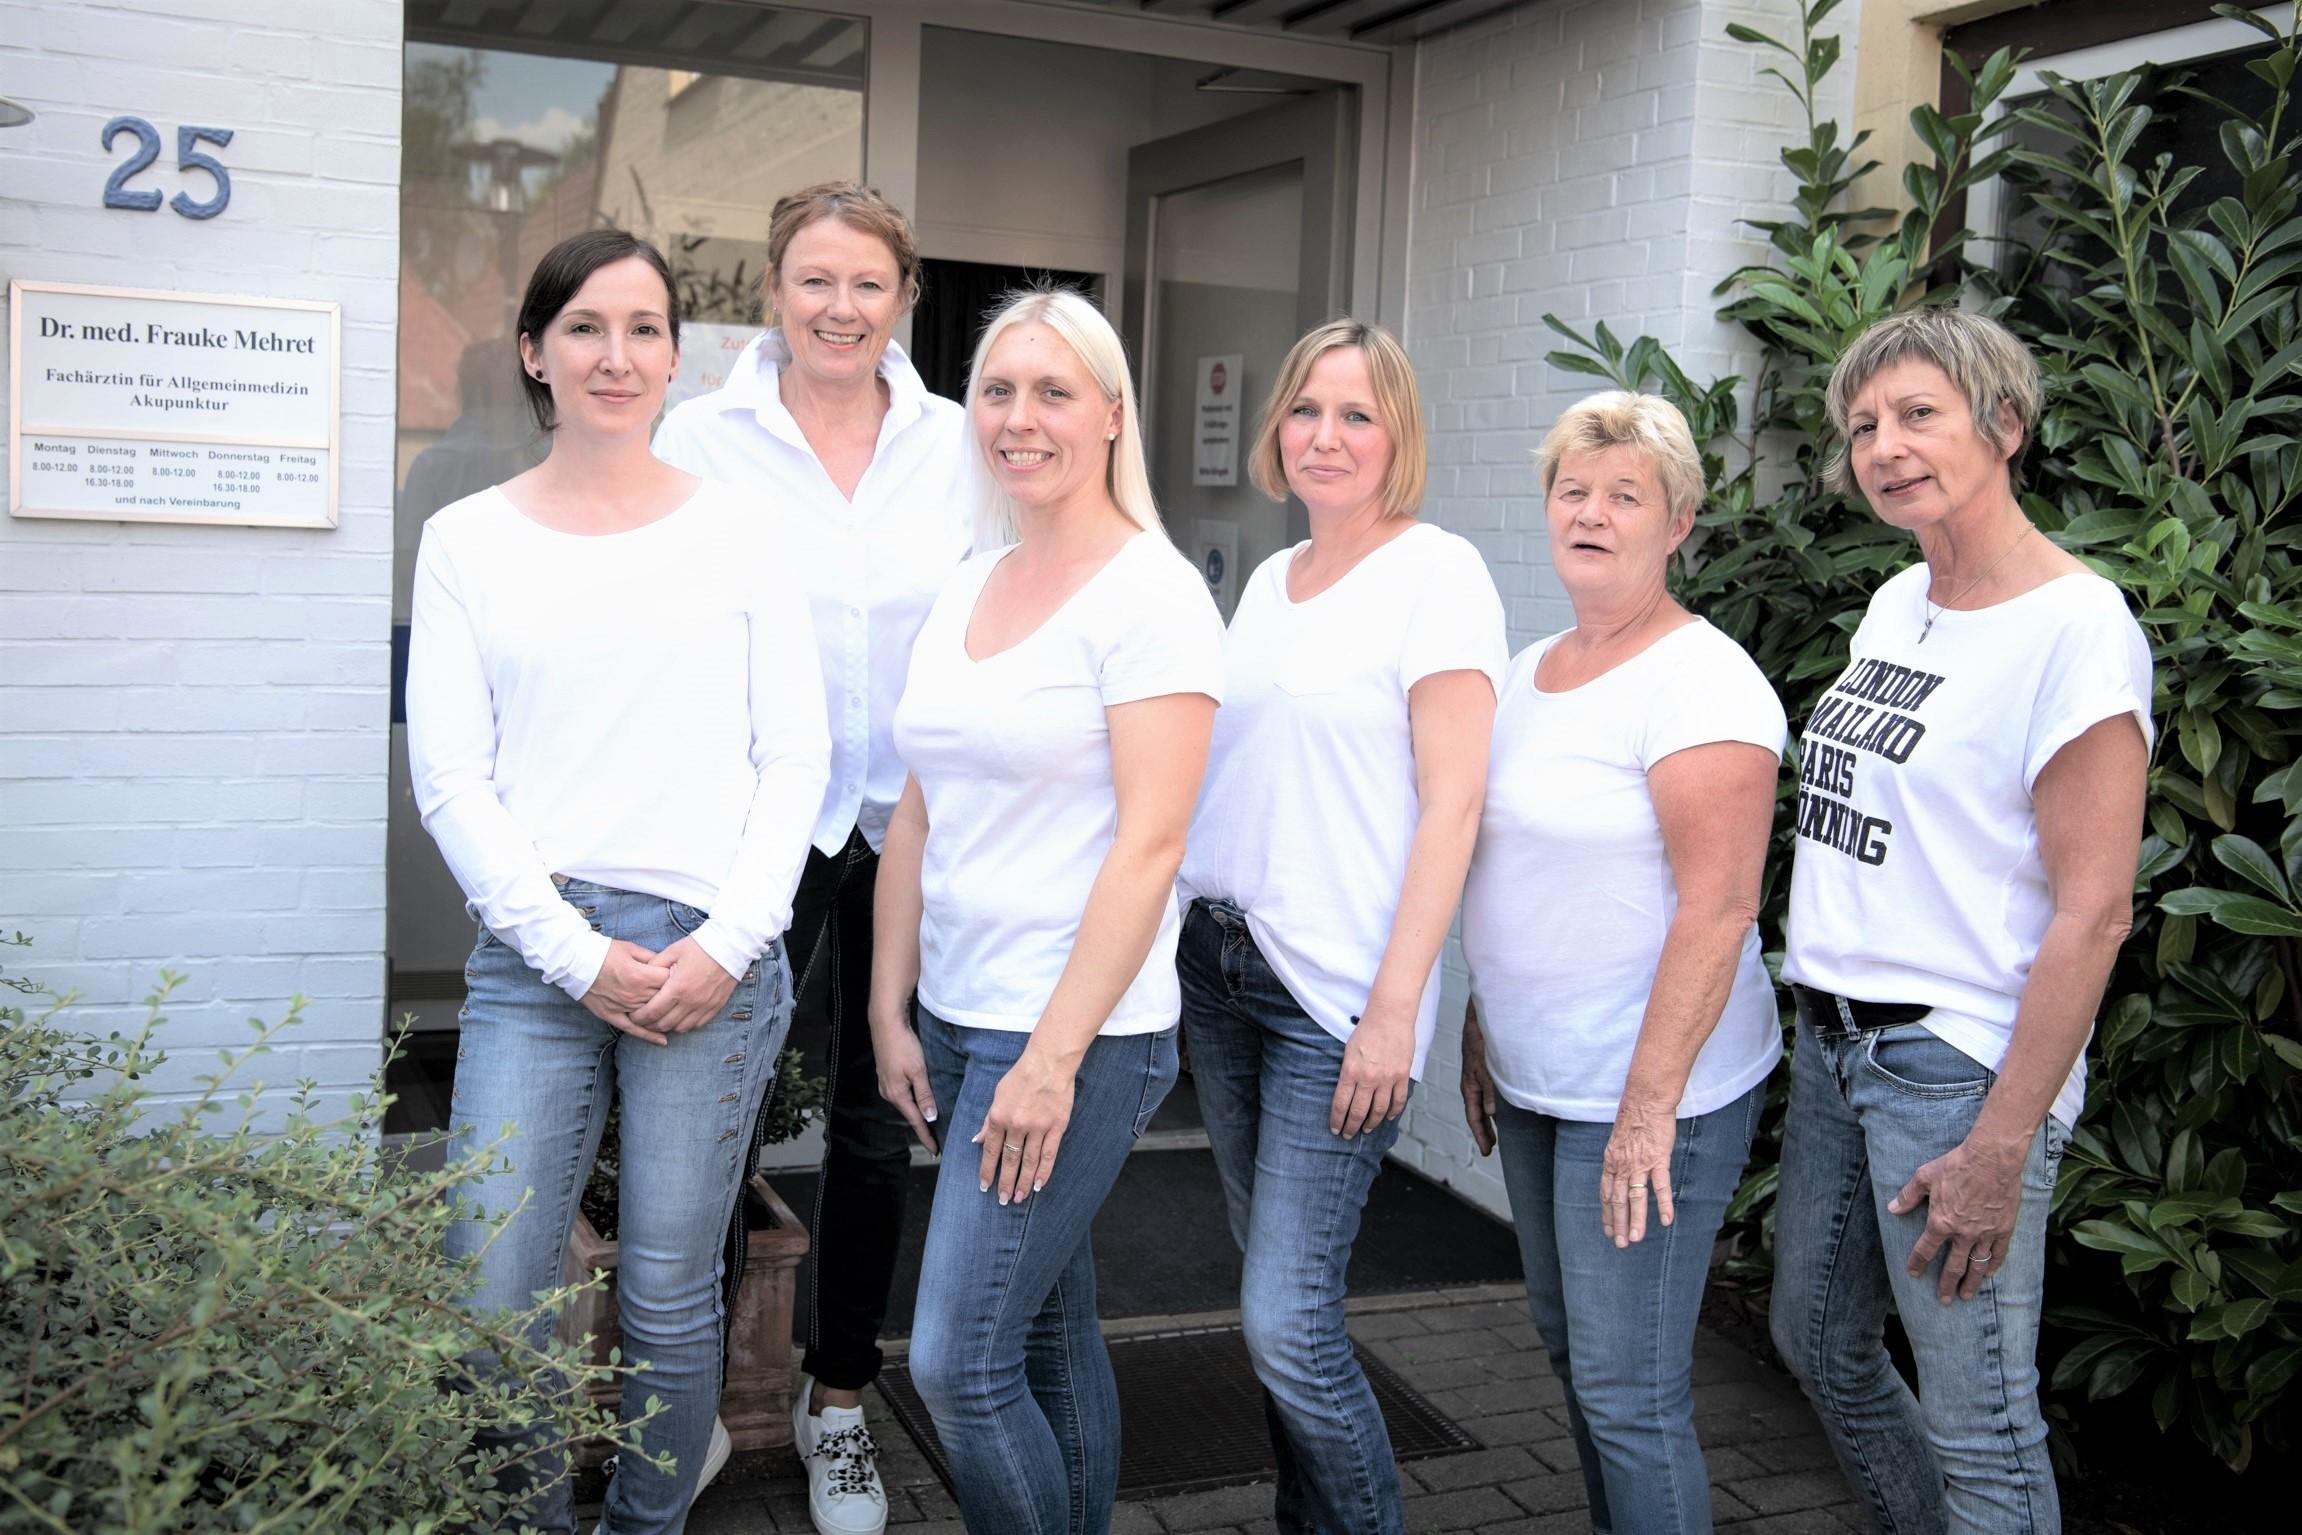 Team Dr. Mehret